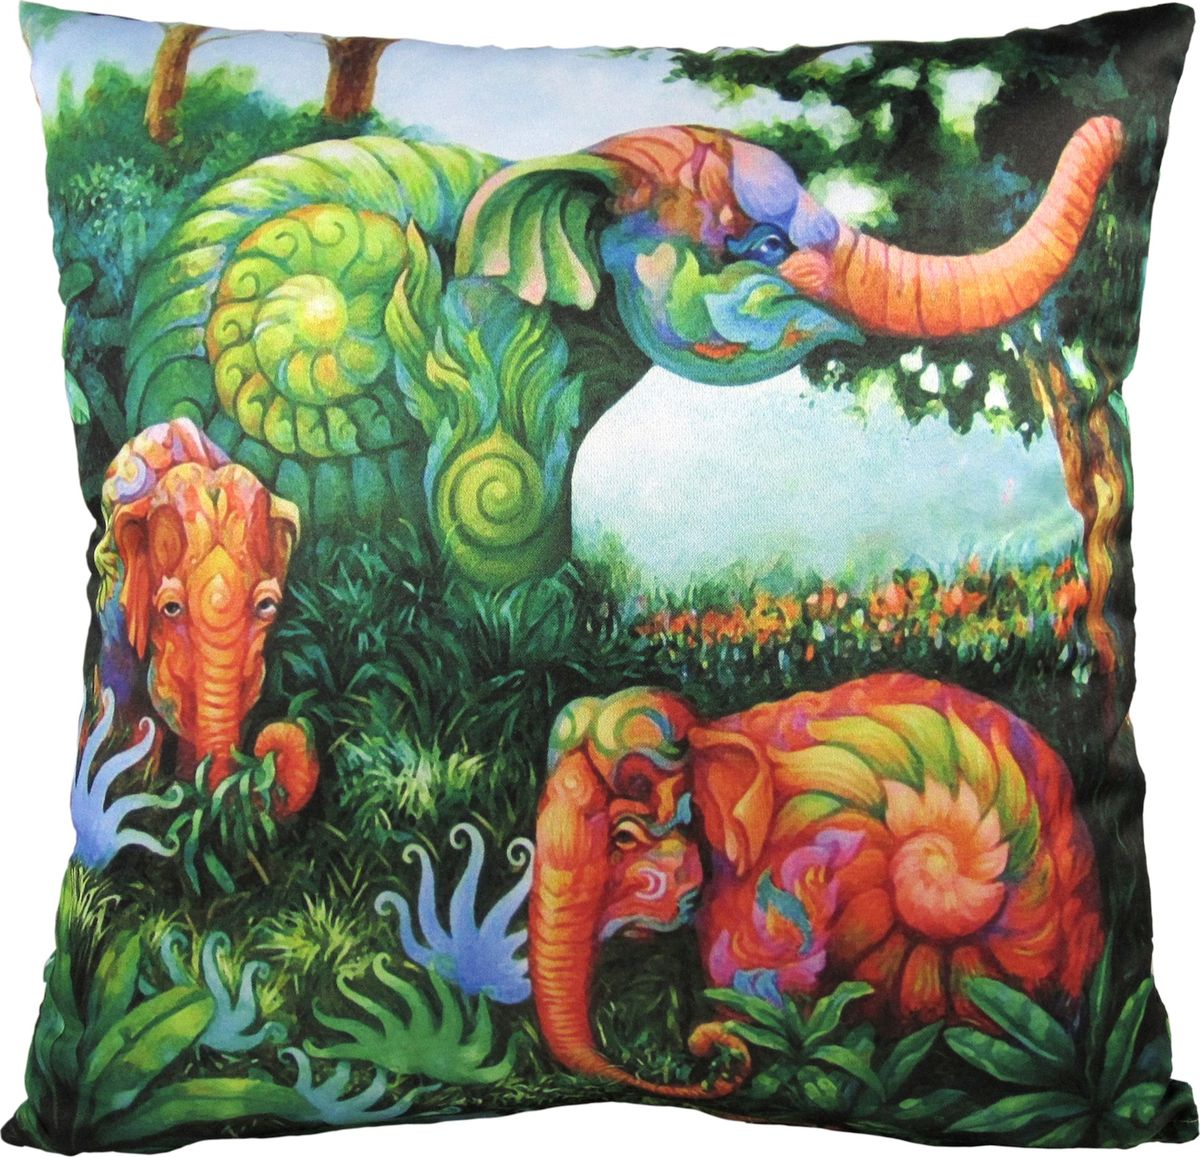 Подушка декоративная GiftnHome Волшебные джунгли, 35 х 35 смPLW-35 JungleДекоративная подушка GiftnHome Волшебные джунгли прекрасно дополнит интерьер спальни или гостиной. Чехол подушки выполнен из атласа (искусственный шелк) и оформлен изысканным орнаментом. В качестве наполнителя используется мягкий холлофайбер. Чехол снабжен потайной застежкой-молнией, благодаря чему его легко можно снять и постирать. Красивая подушка создаст атмосферу уюта в доме и станет прекрасным элементом декора.